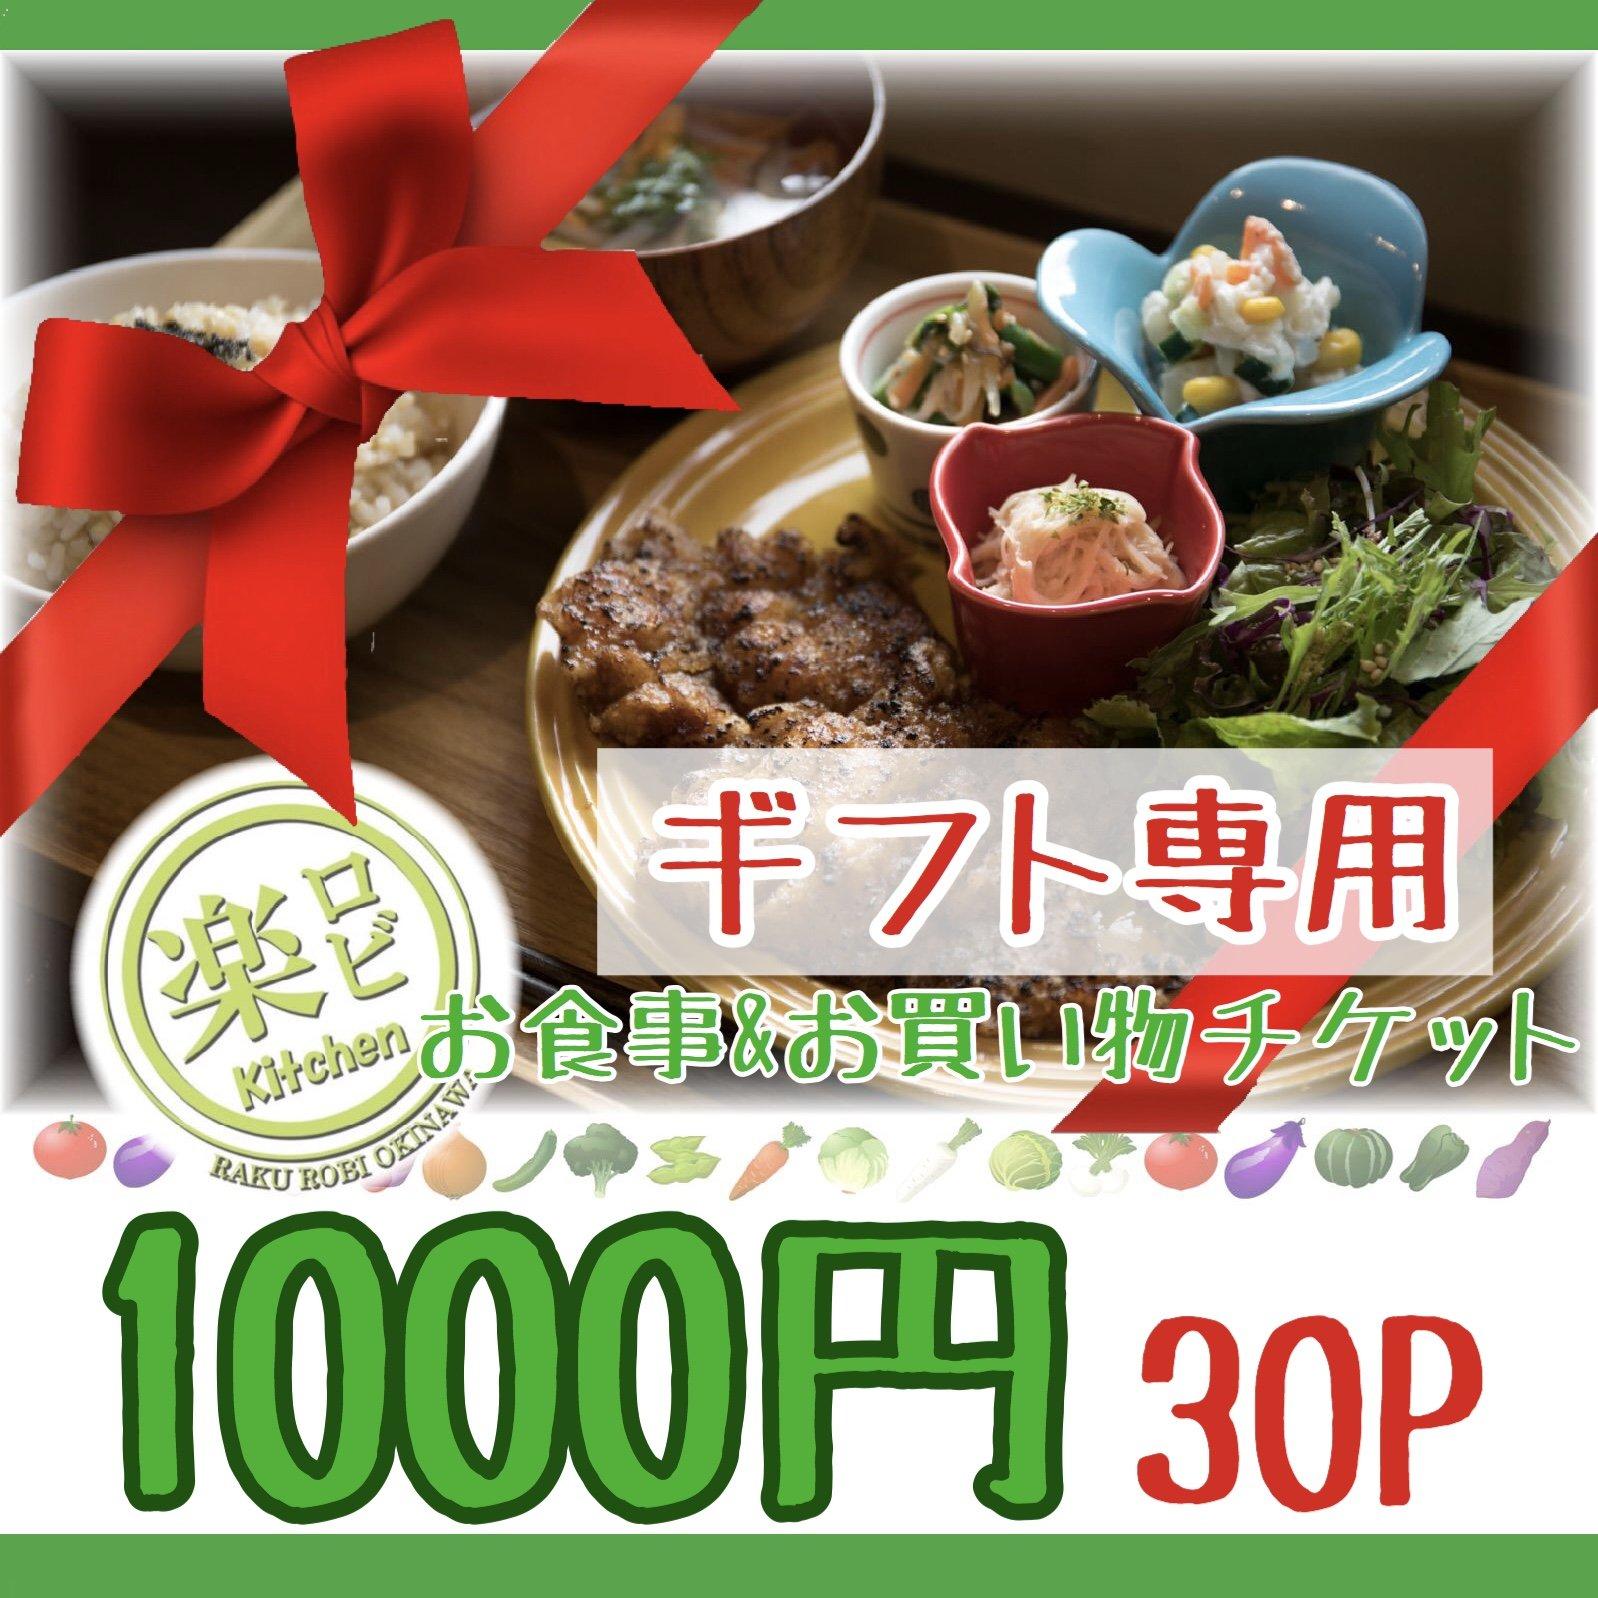 【ギフト専用】1000円お食事&お買い物チケットのイメージその1